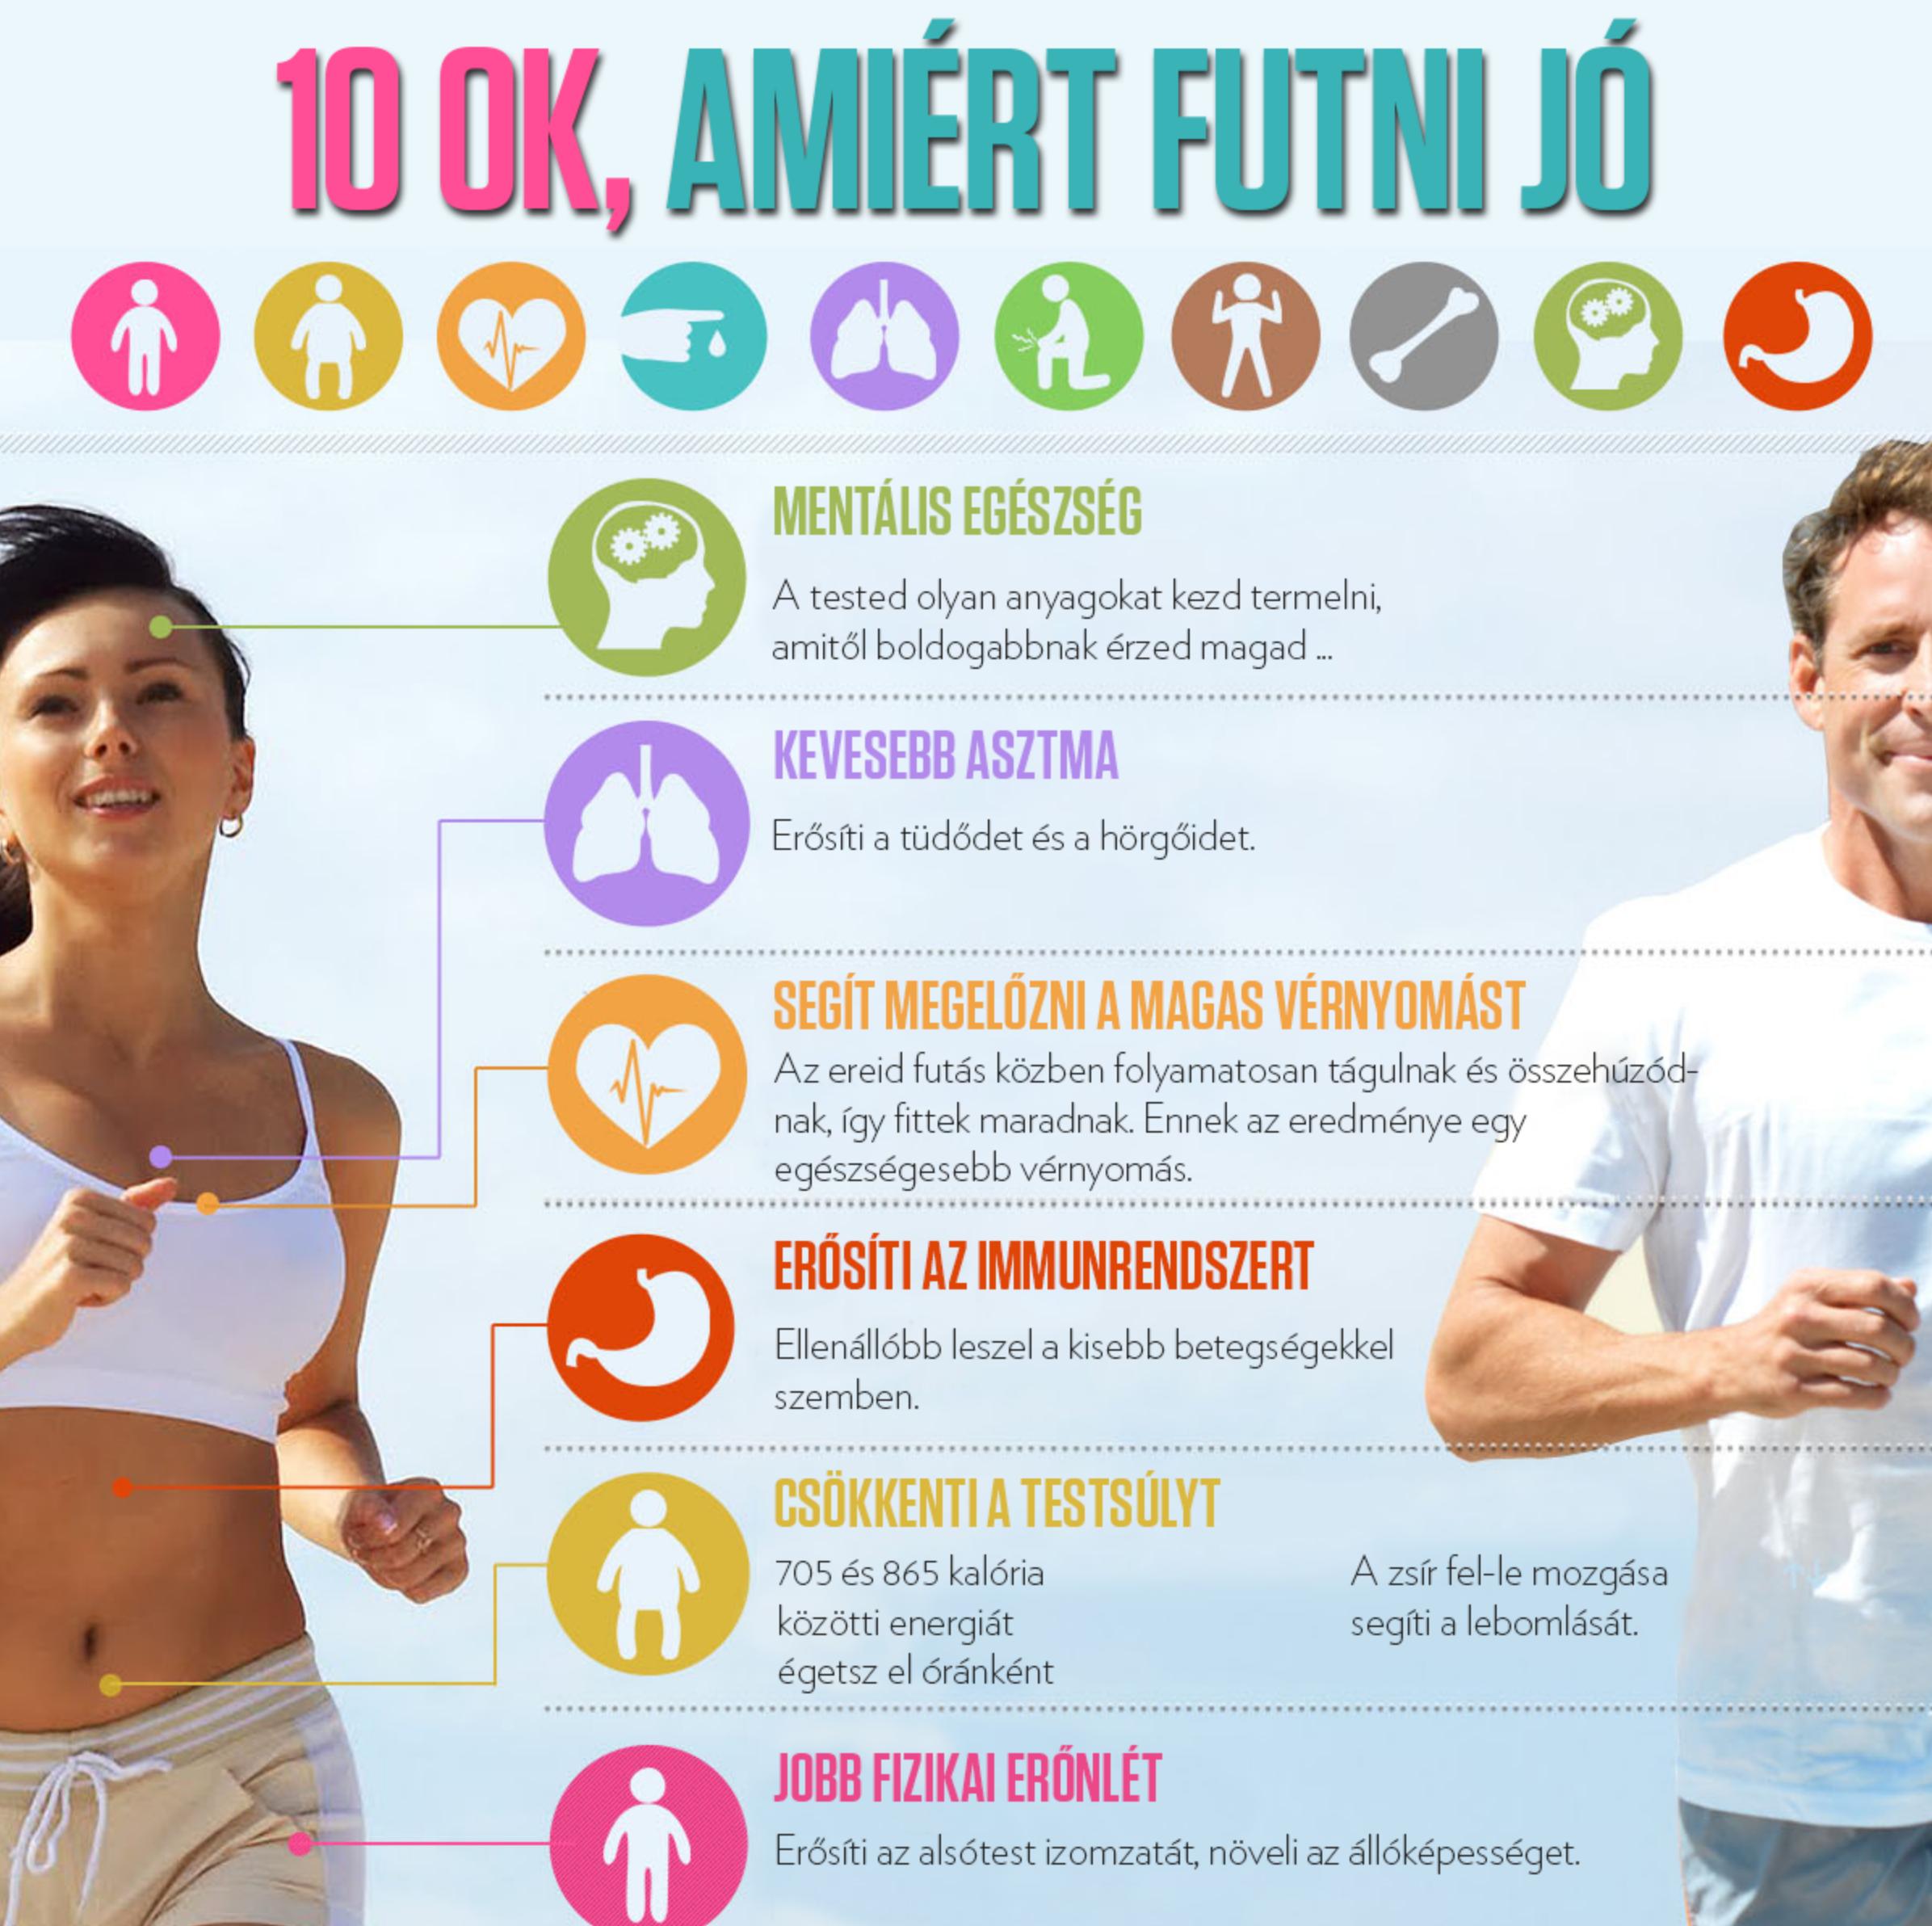 a magas vérnyomásban futás előnyei